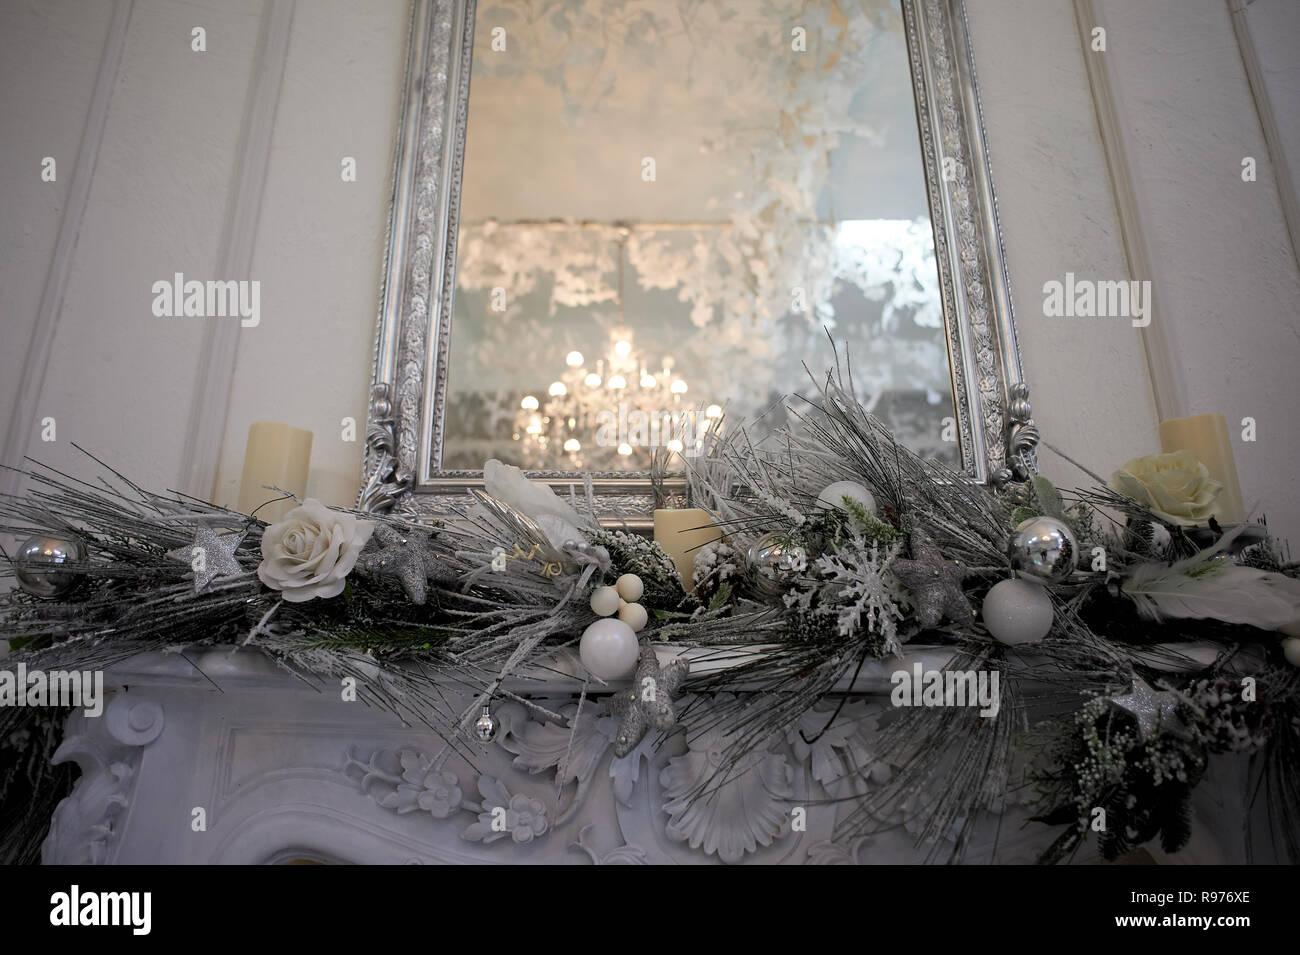 Reflexion der Kronleuchter im Spiegel. silver-tone Gamma. Home Dekoration für das neue Jahr Stockbild